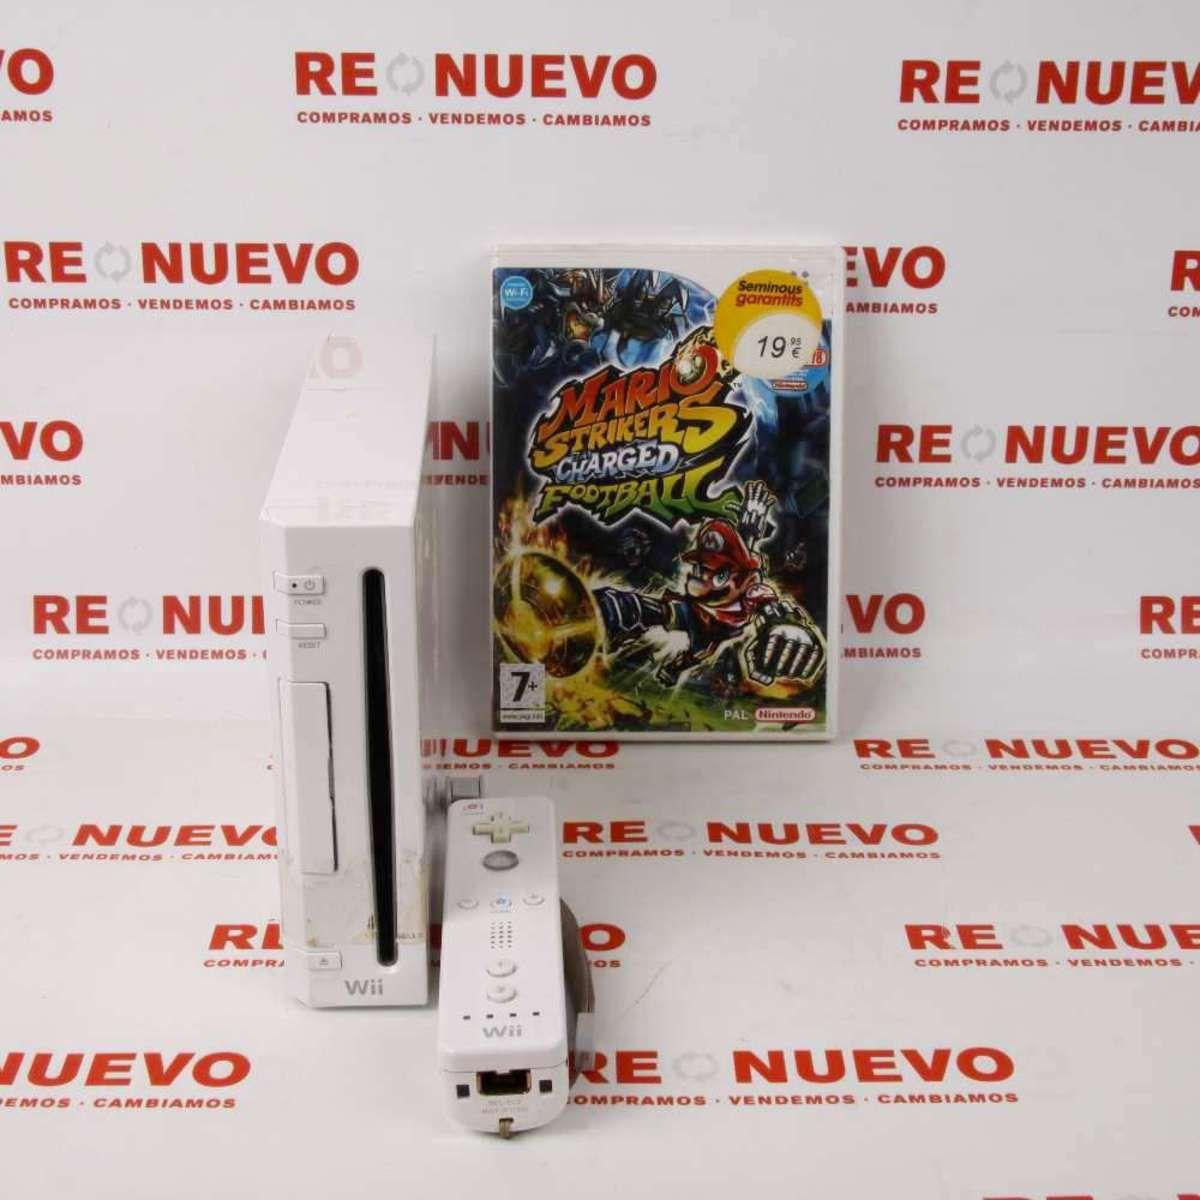 Consola Wii Juego 2 Nunchuck E269405 Consola Wii De Segunda